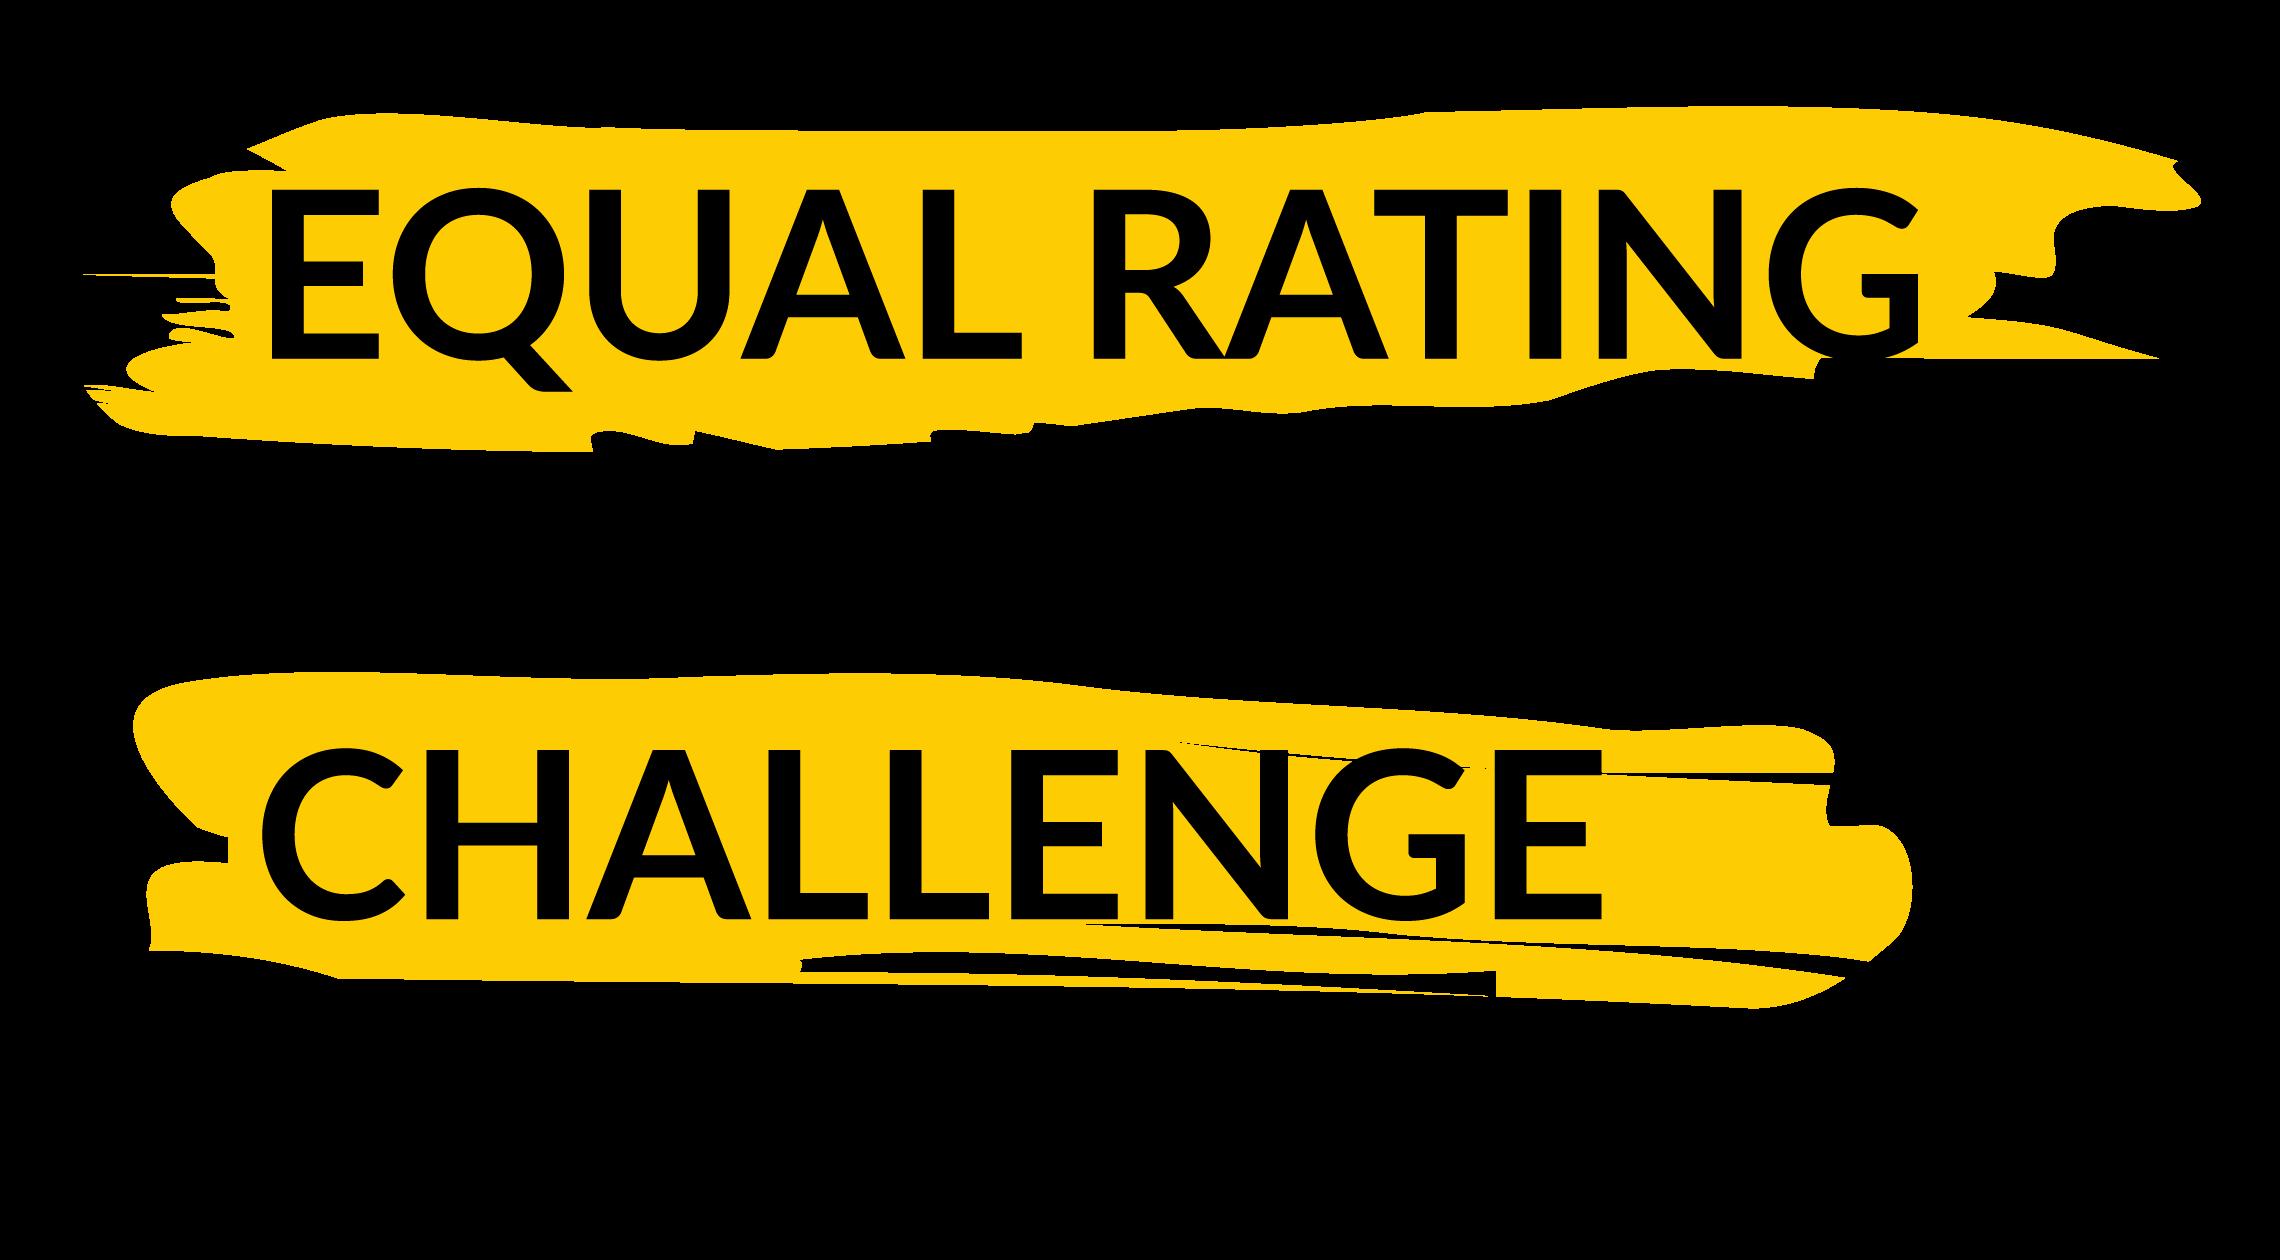 equalratingchallenge-logo.png